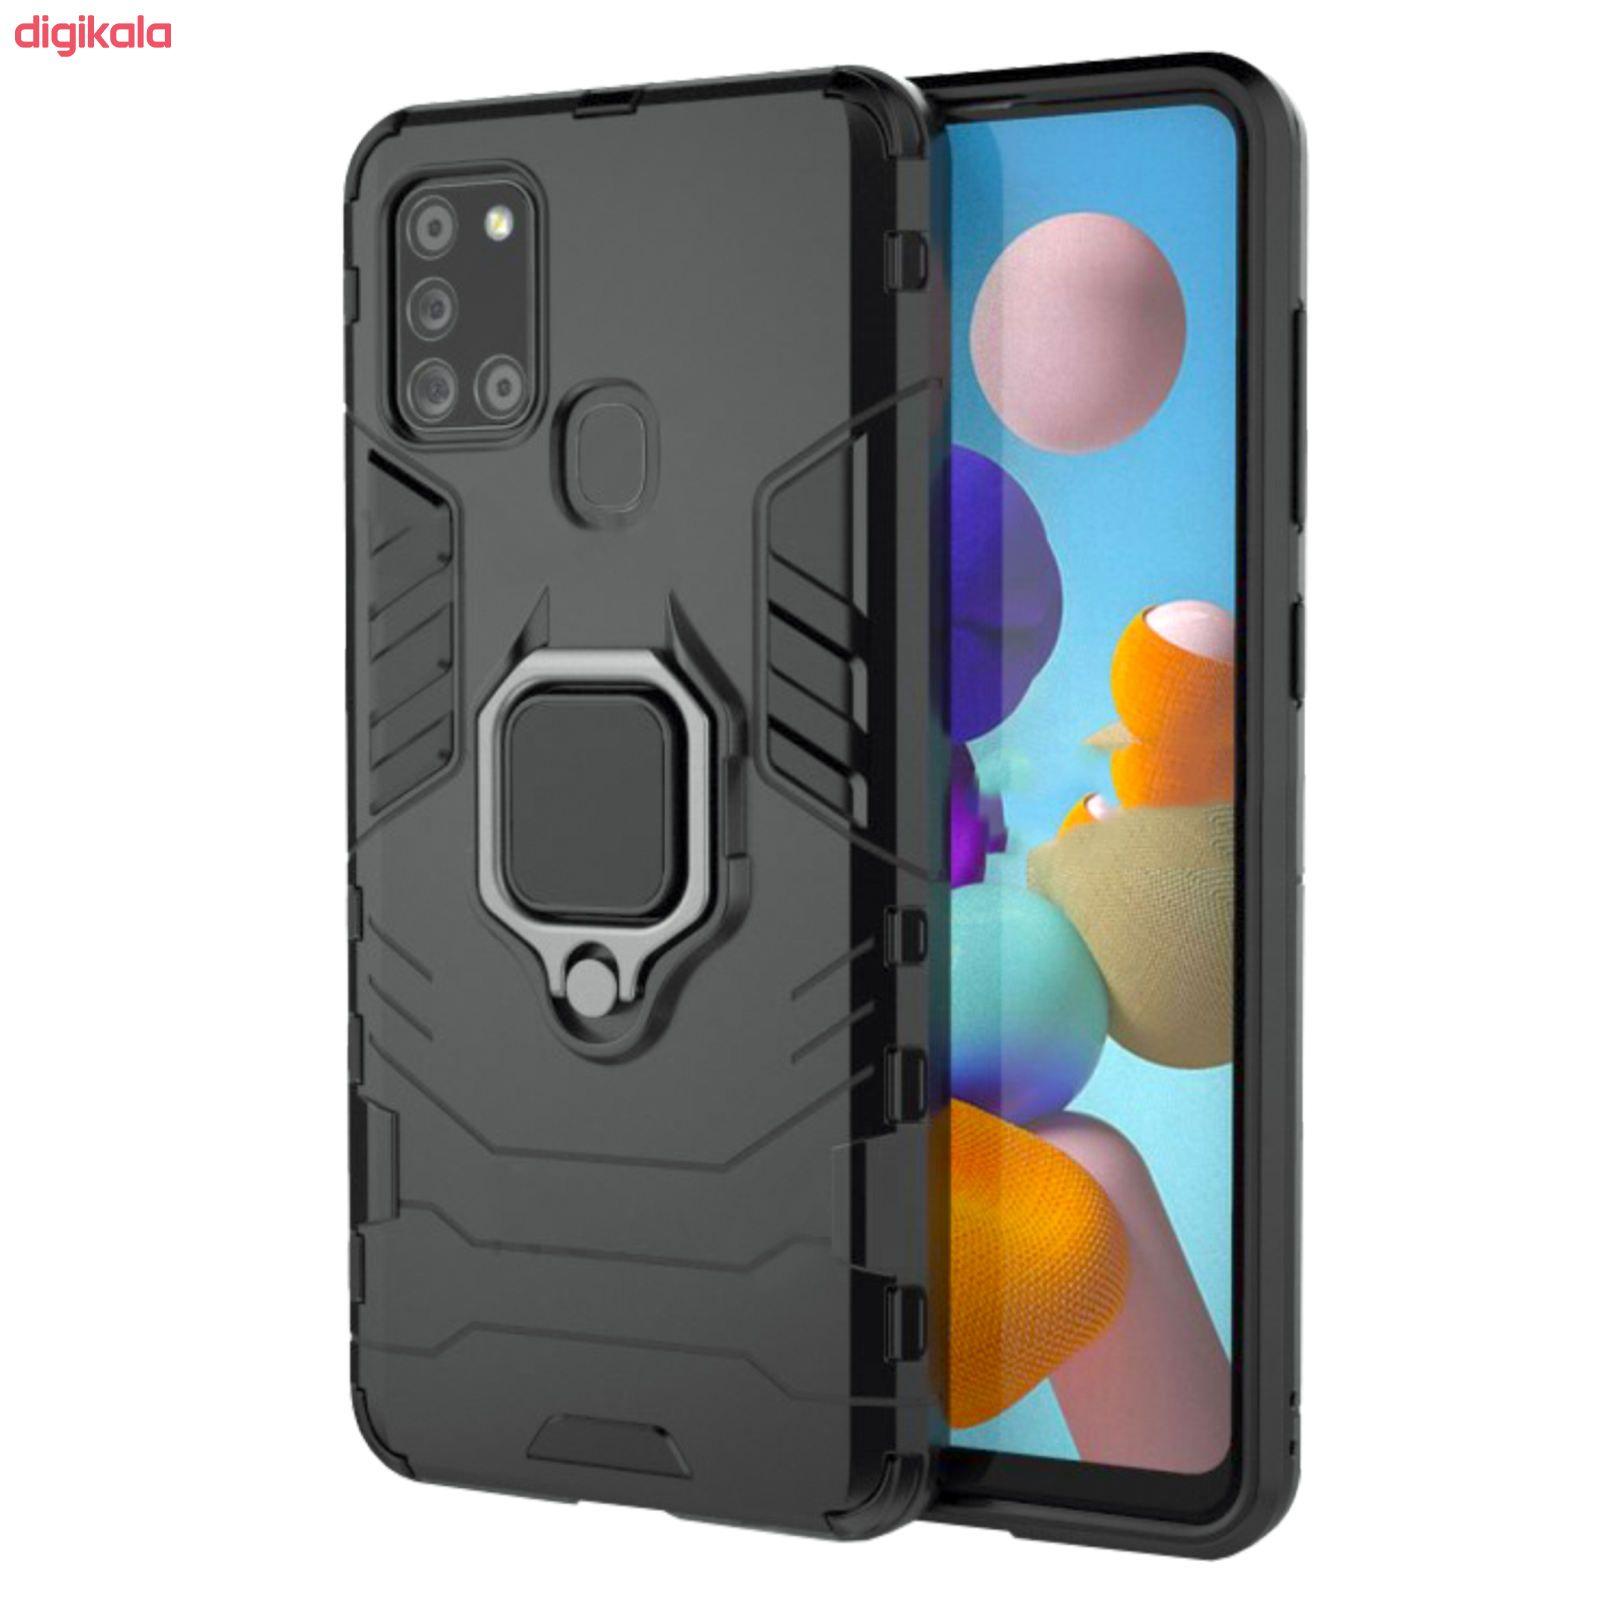 کاور مدل DEF02 مناسب برای گوشی موبایل سامسونگ Galaxy A21s main 1 3